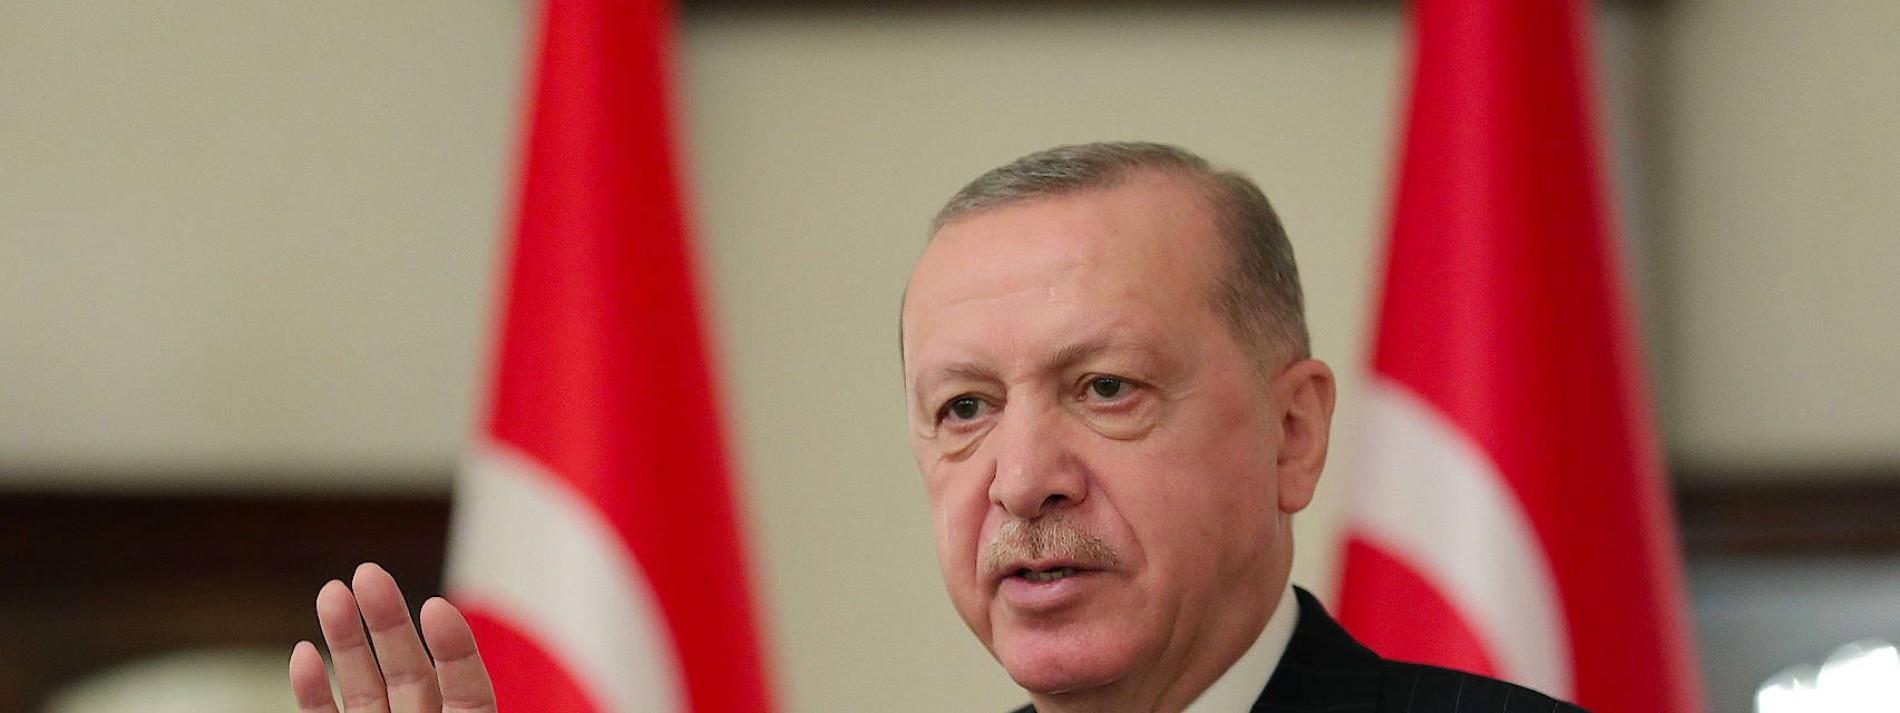 Türkei öffnet Gesprächskanäle mit Brüssel und Athen